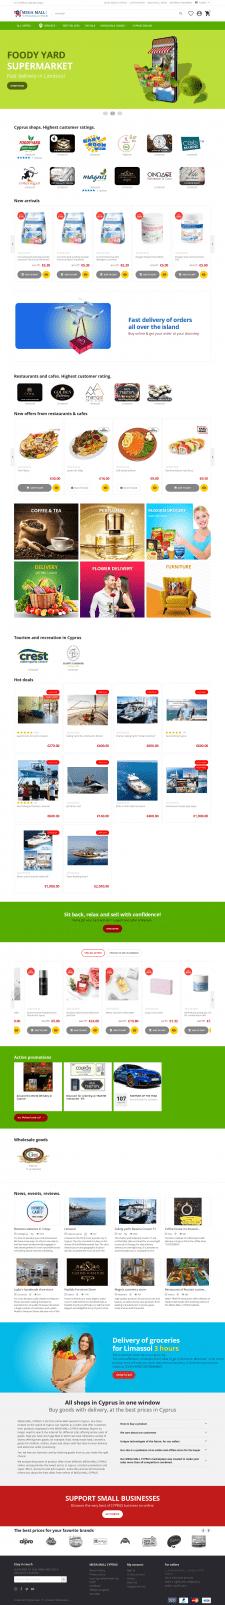 Маркетплейс Кипра товары и услуги